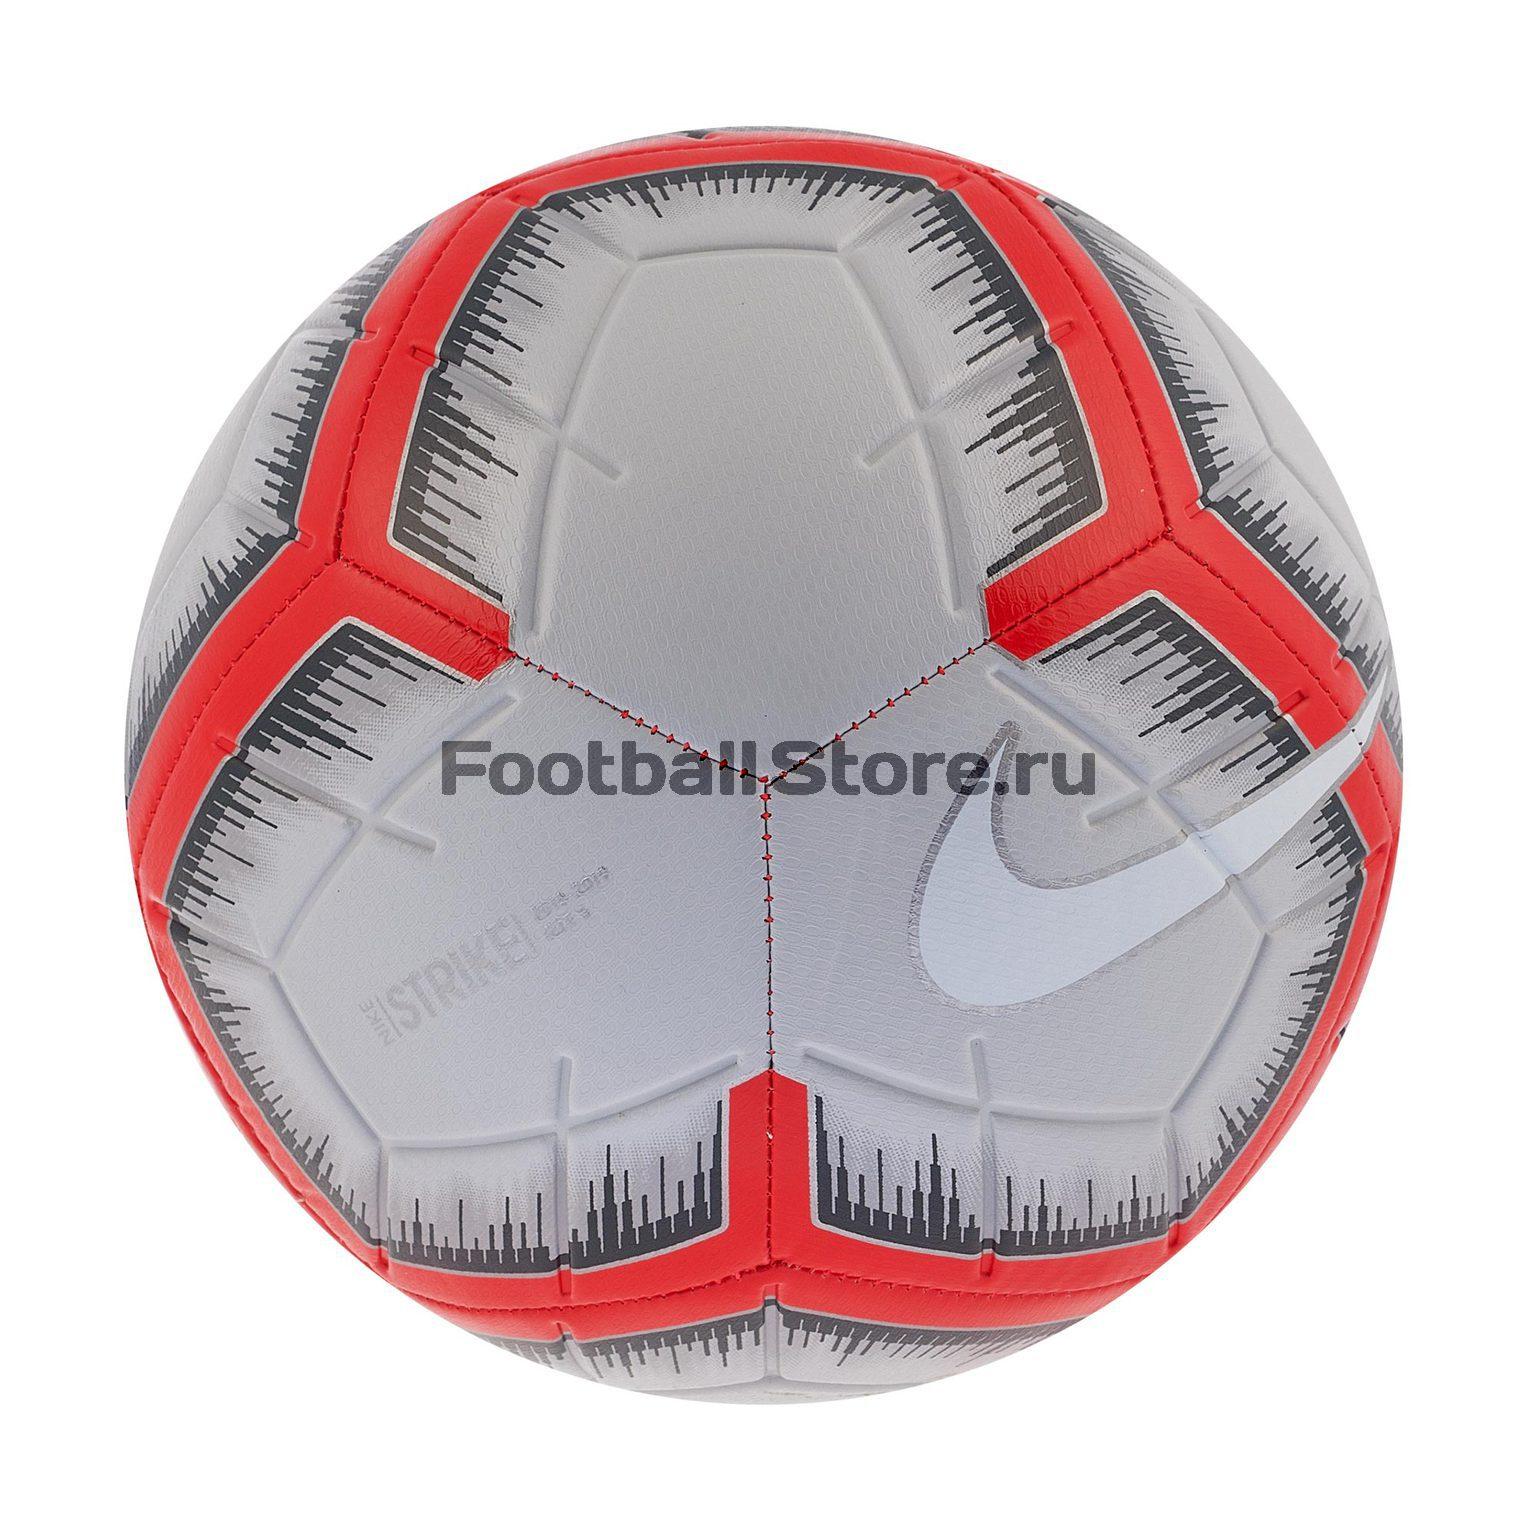 Футбольный мяч Nike Strike SC3310-043 шапки и кепки для туризма и кемпинга nike 666412 584169 410 010 688767 043 100 060